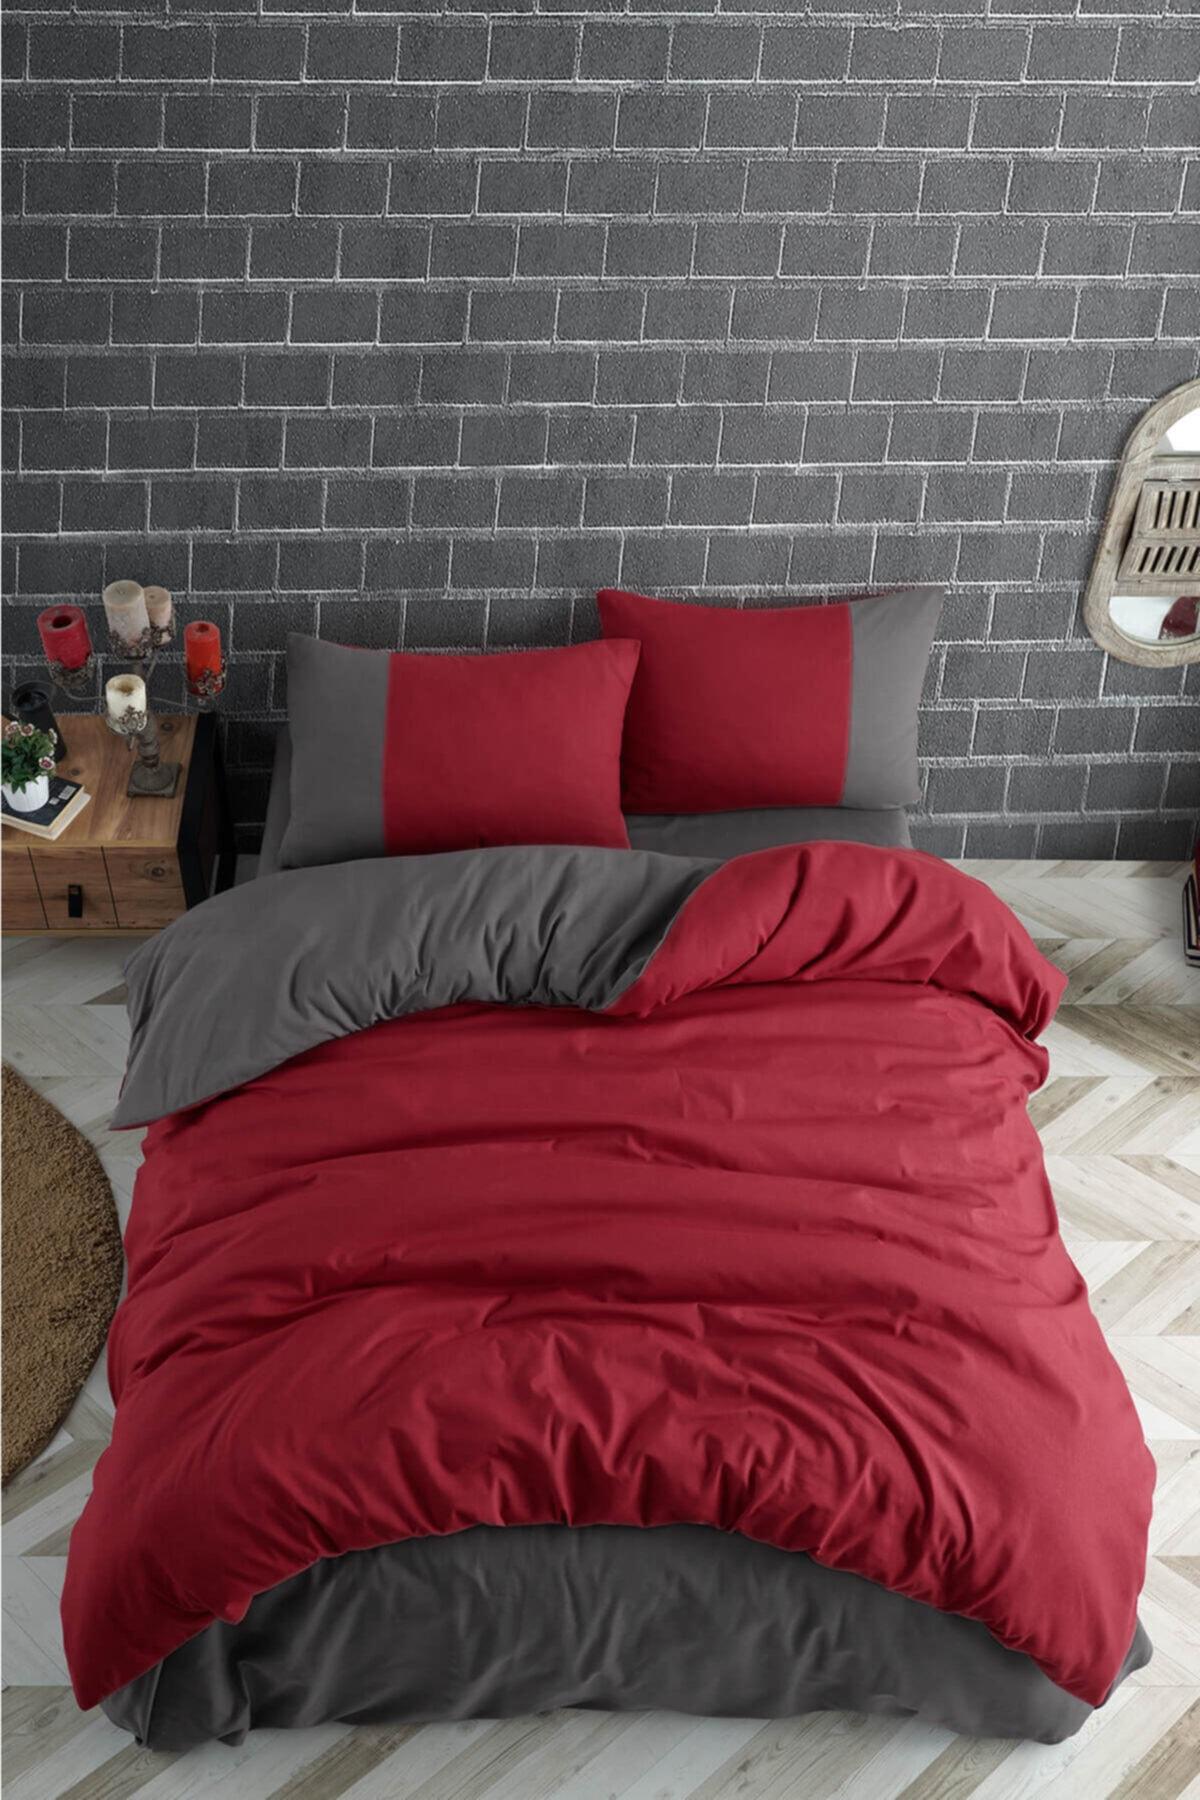 Cotton Touch Plain Series Çift Taraflı Kırmızı-antrasit Çift Kişilik Nevresim Takımı 2